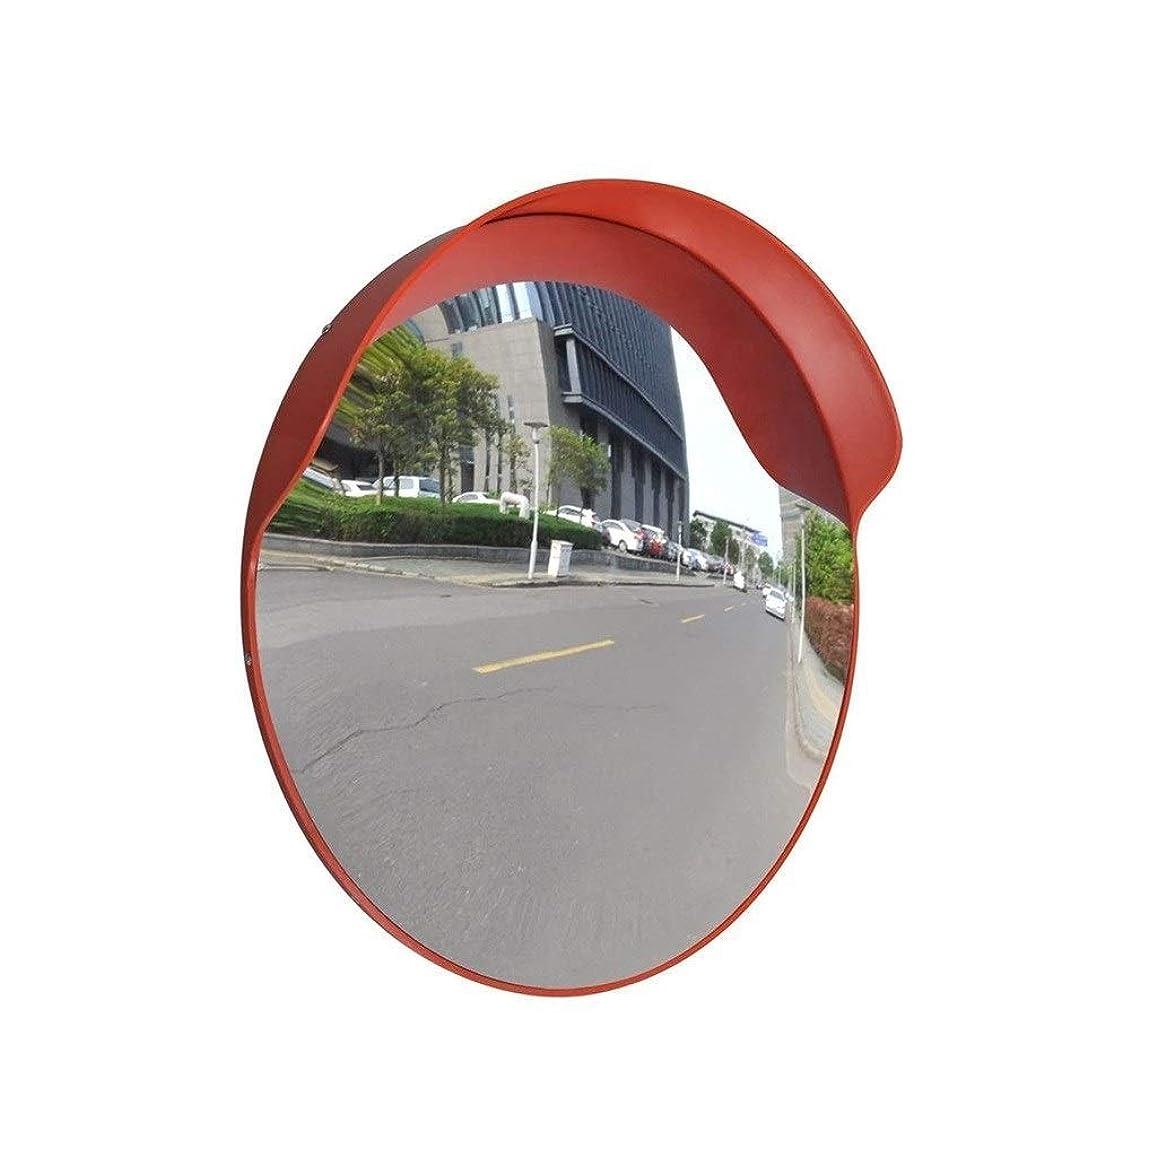 のため残酷なグラフ45-120CM交通広角レンズ、耐候性耐久性交通ミラーVillage Road Convexセーフティミラーカーターニングミラー(サイズ:80CM)